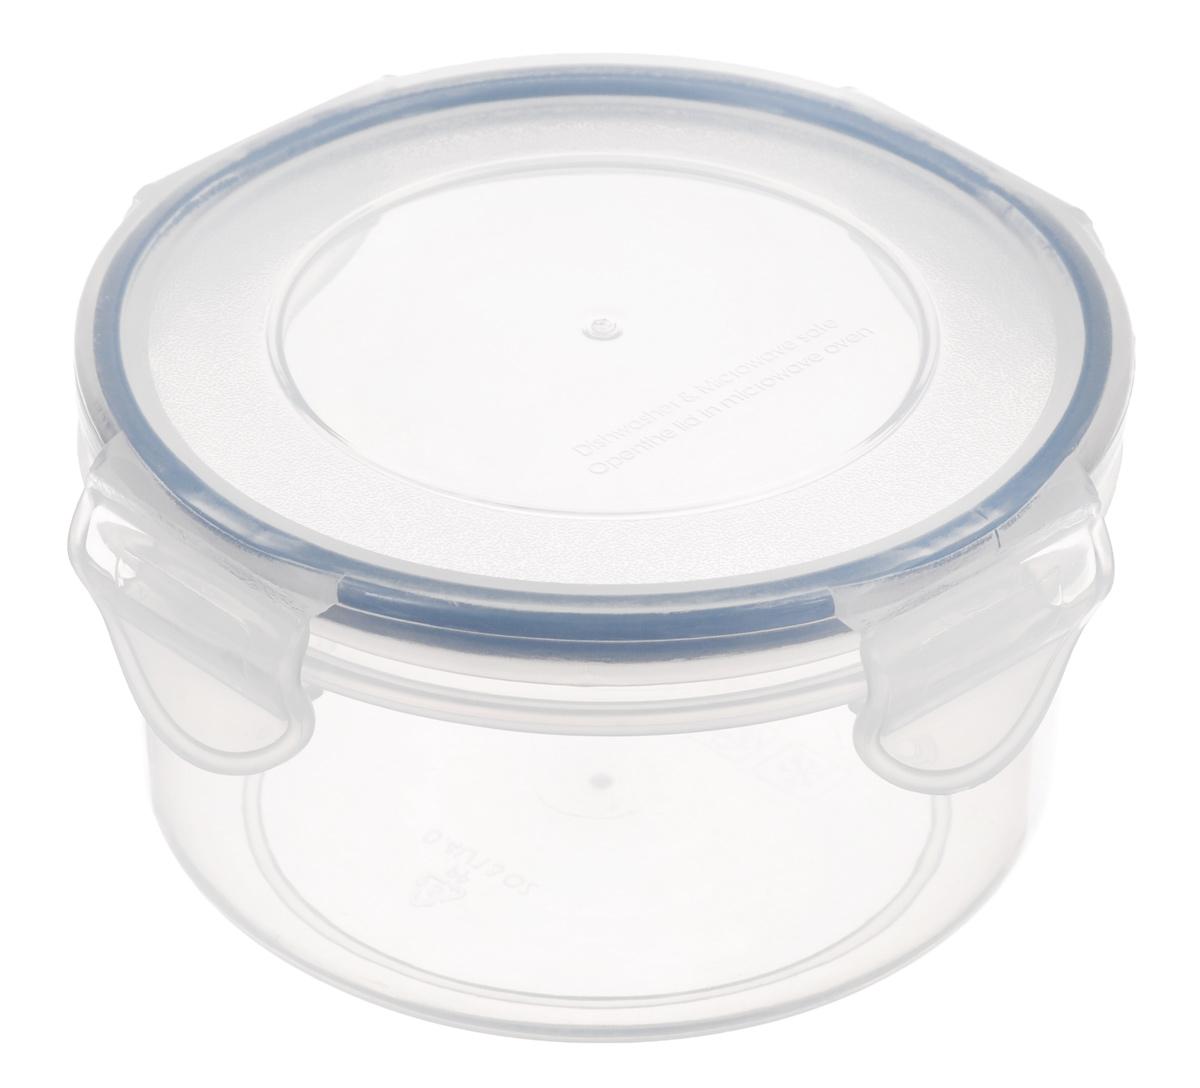 Контейнер Tescoma Freshbox, 400 мл892110Контейнер Tescoma Freshbox отлично подходит для хранения, запекания и разогрева блюд. Герметичная крышка имеет силиконовый уплотнитель, пища остается свежей дольше и не протекает при перевозке. Изготовлен контейнер из прочной пластмассы и силикона. Устойчив от -18°С до +110°С. Подходит для холодильника, морозильных камер, микроволновой печи и посудомоечной машины.